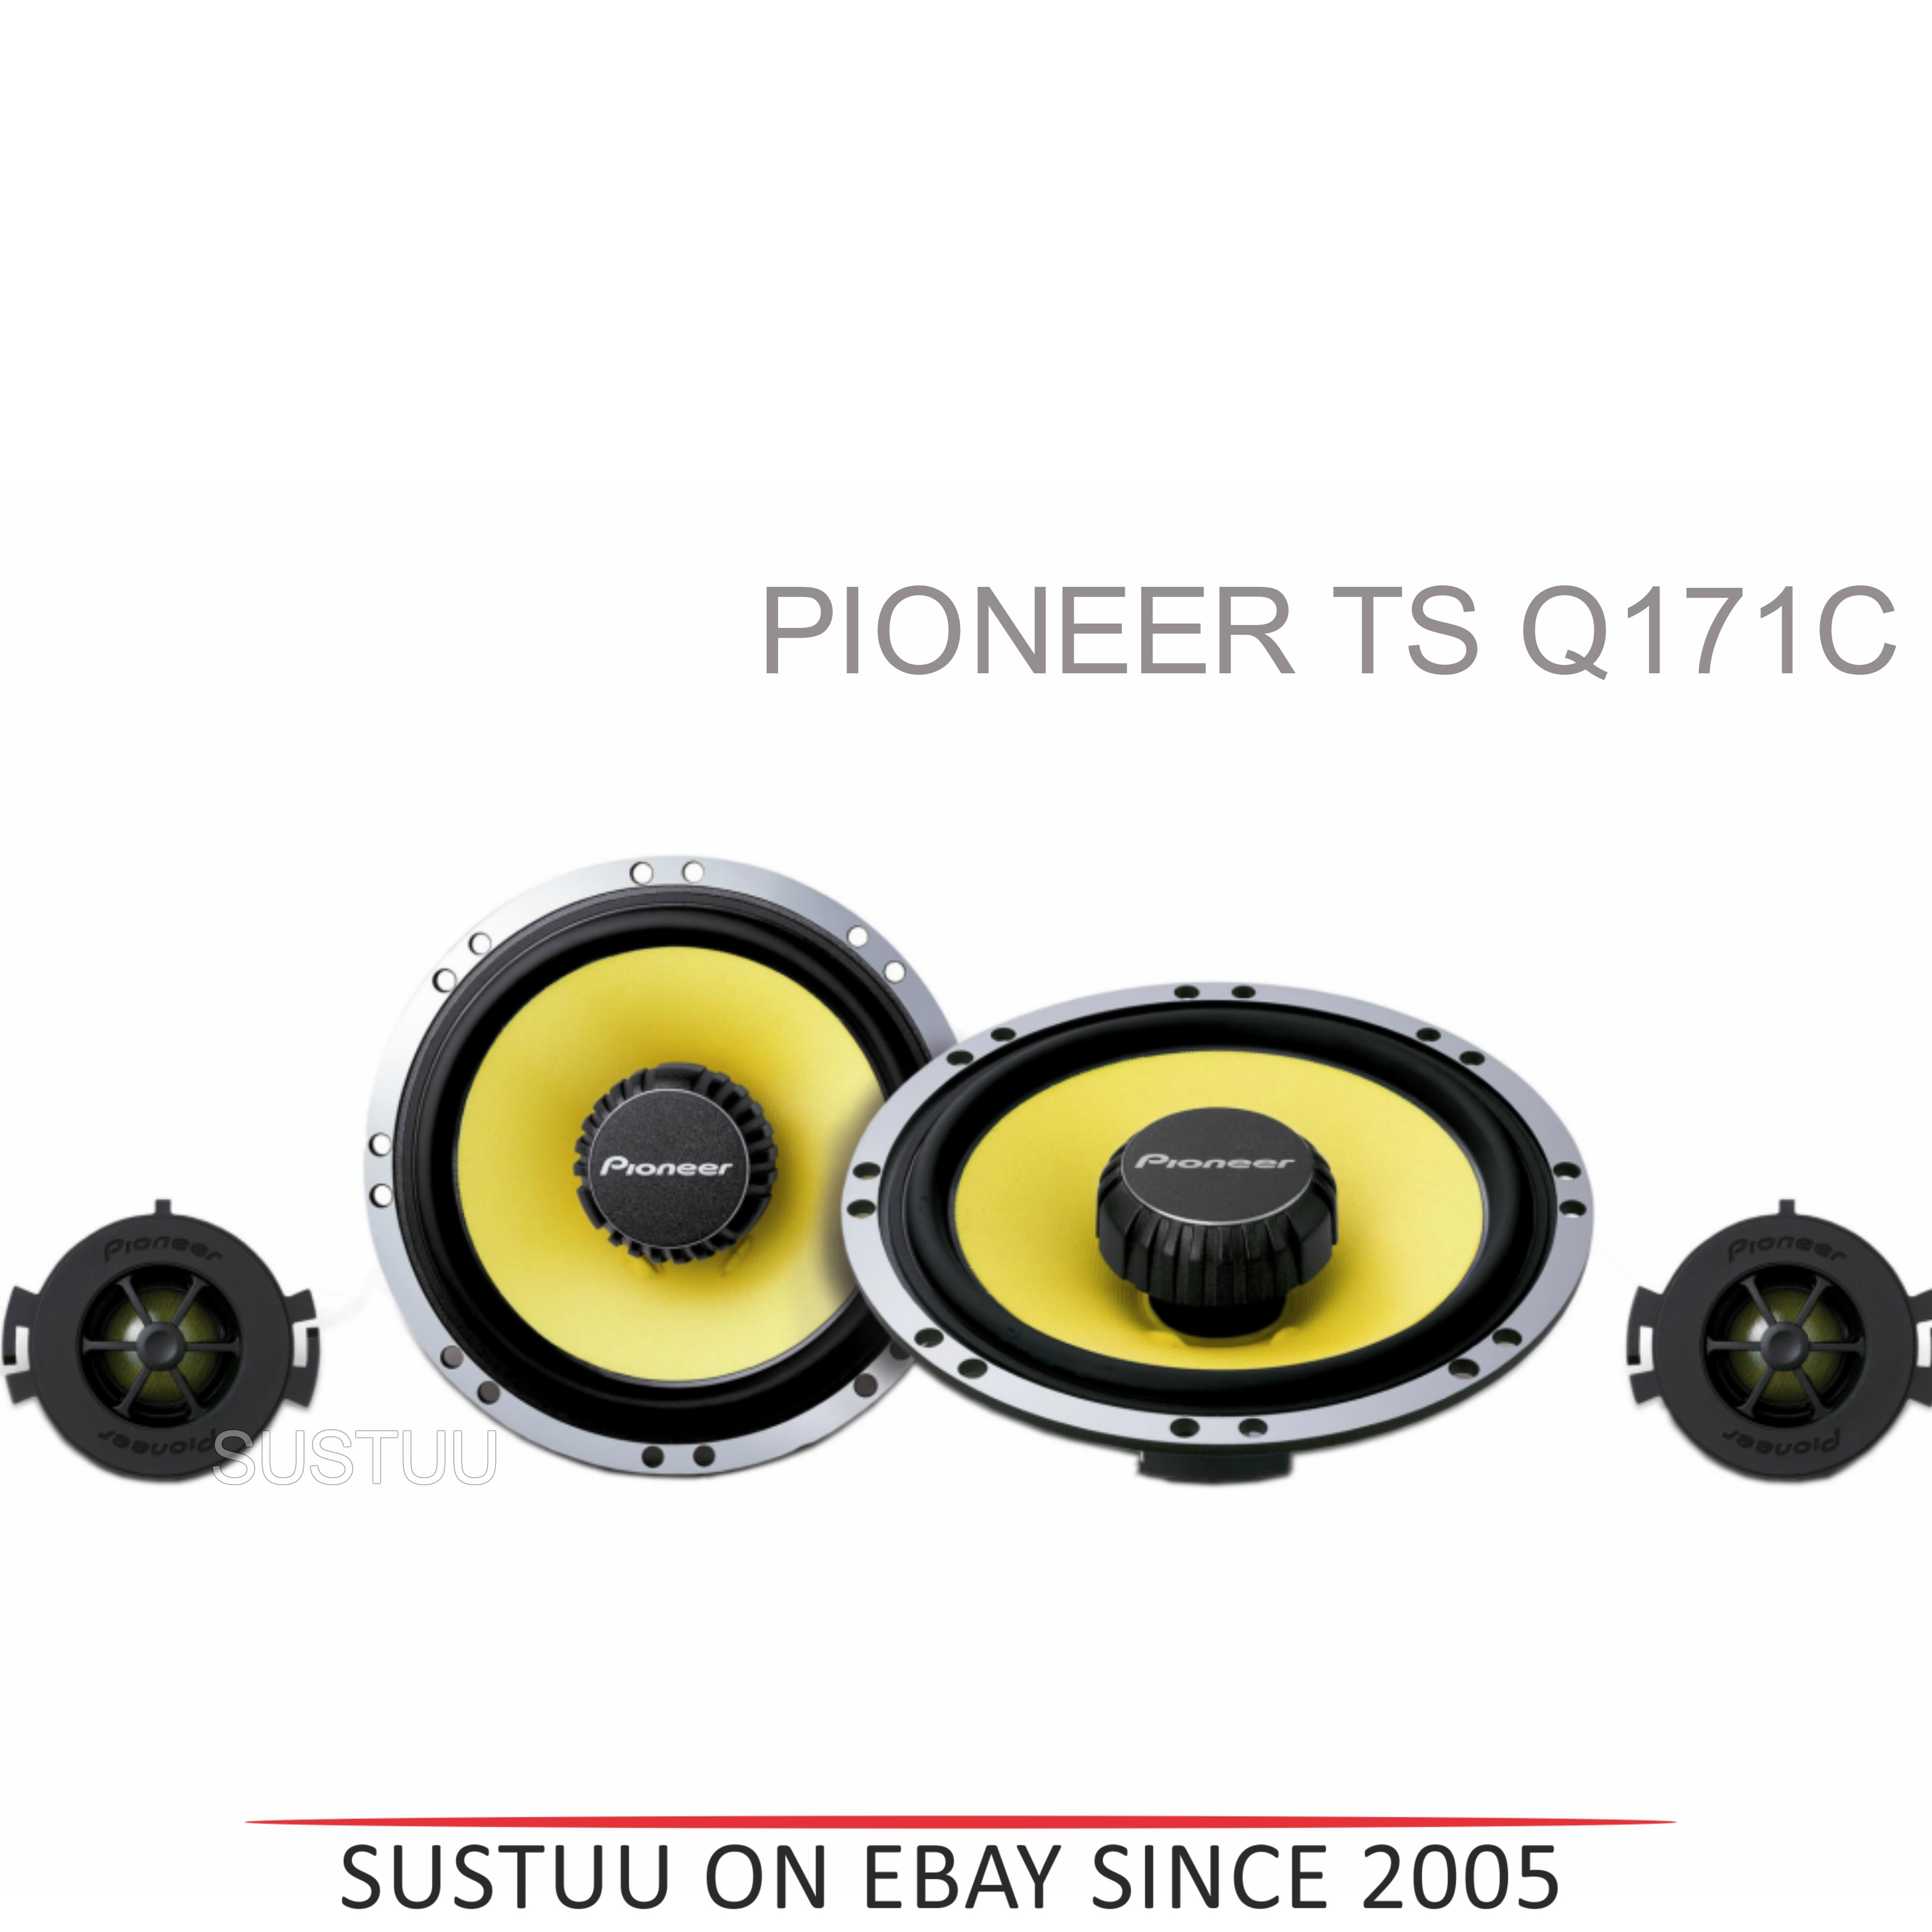 Pioneer TS Q171C|In Car 2way Coamponent Speakers|Door-Shelf|17cm|200W|For Renault Citroen Peugoet